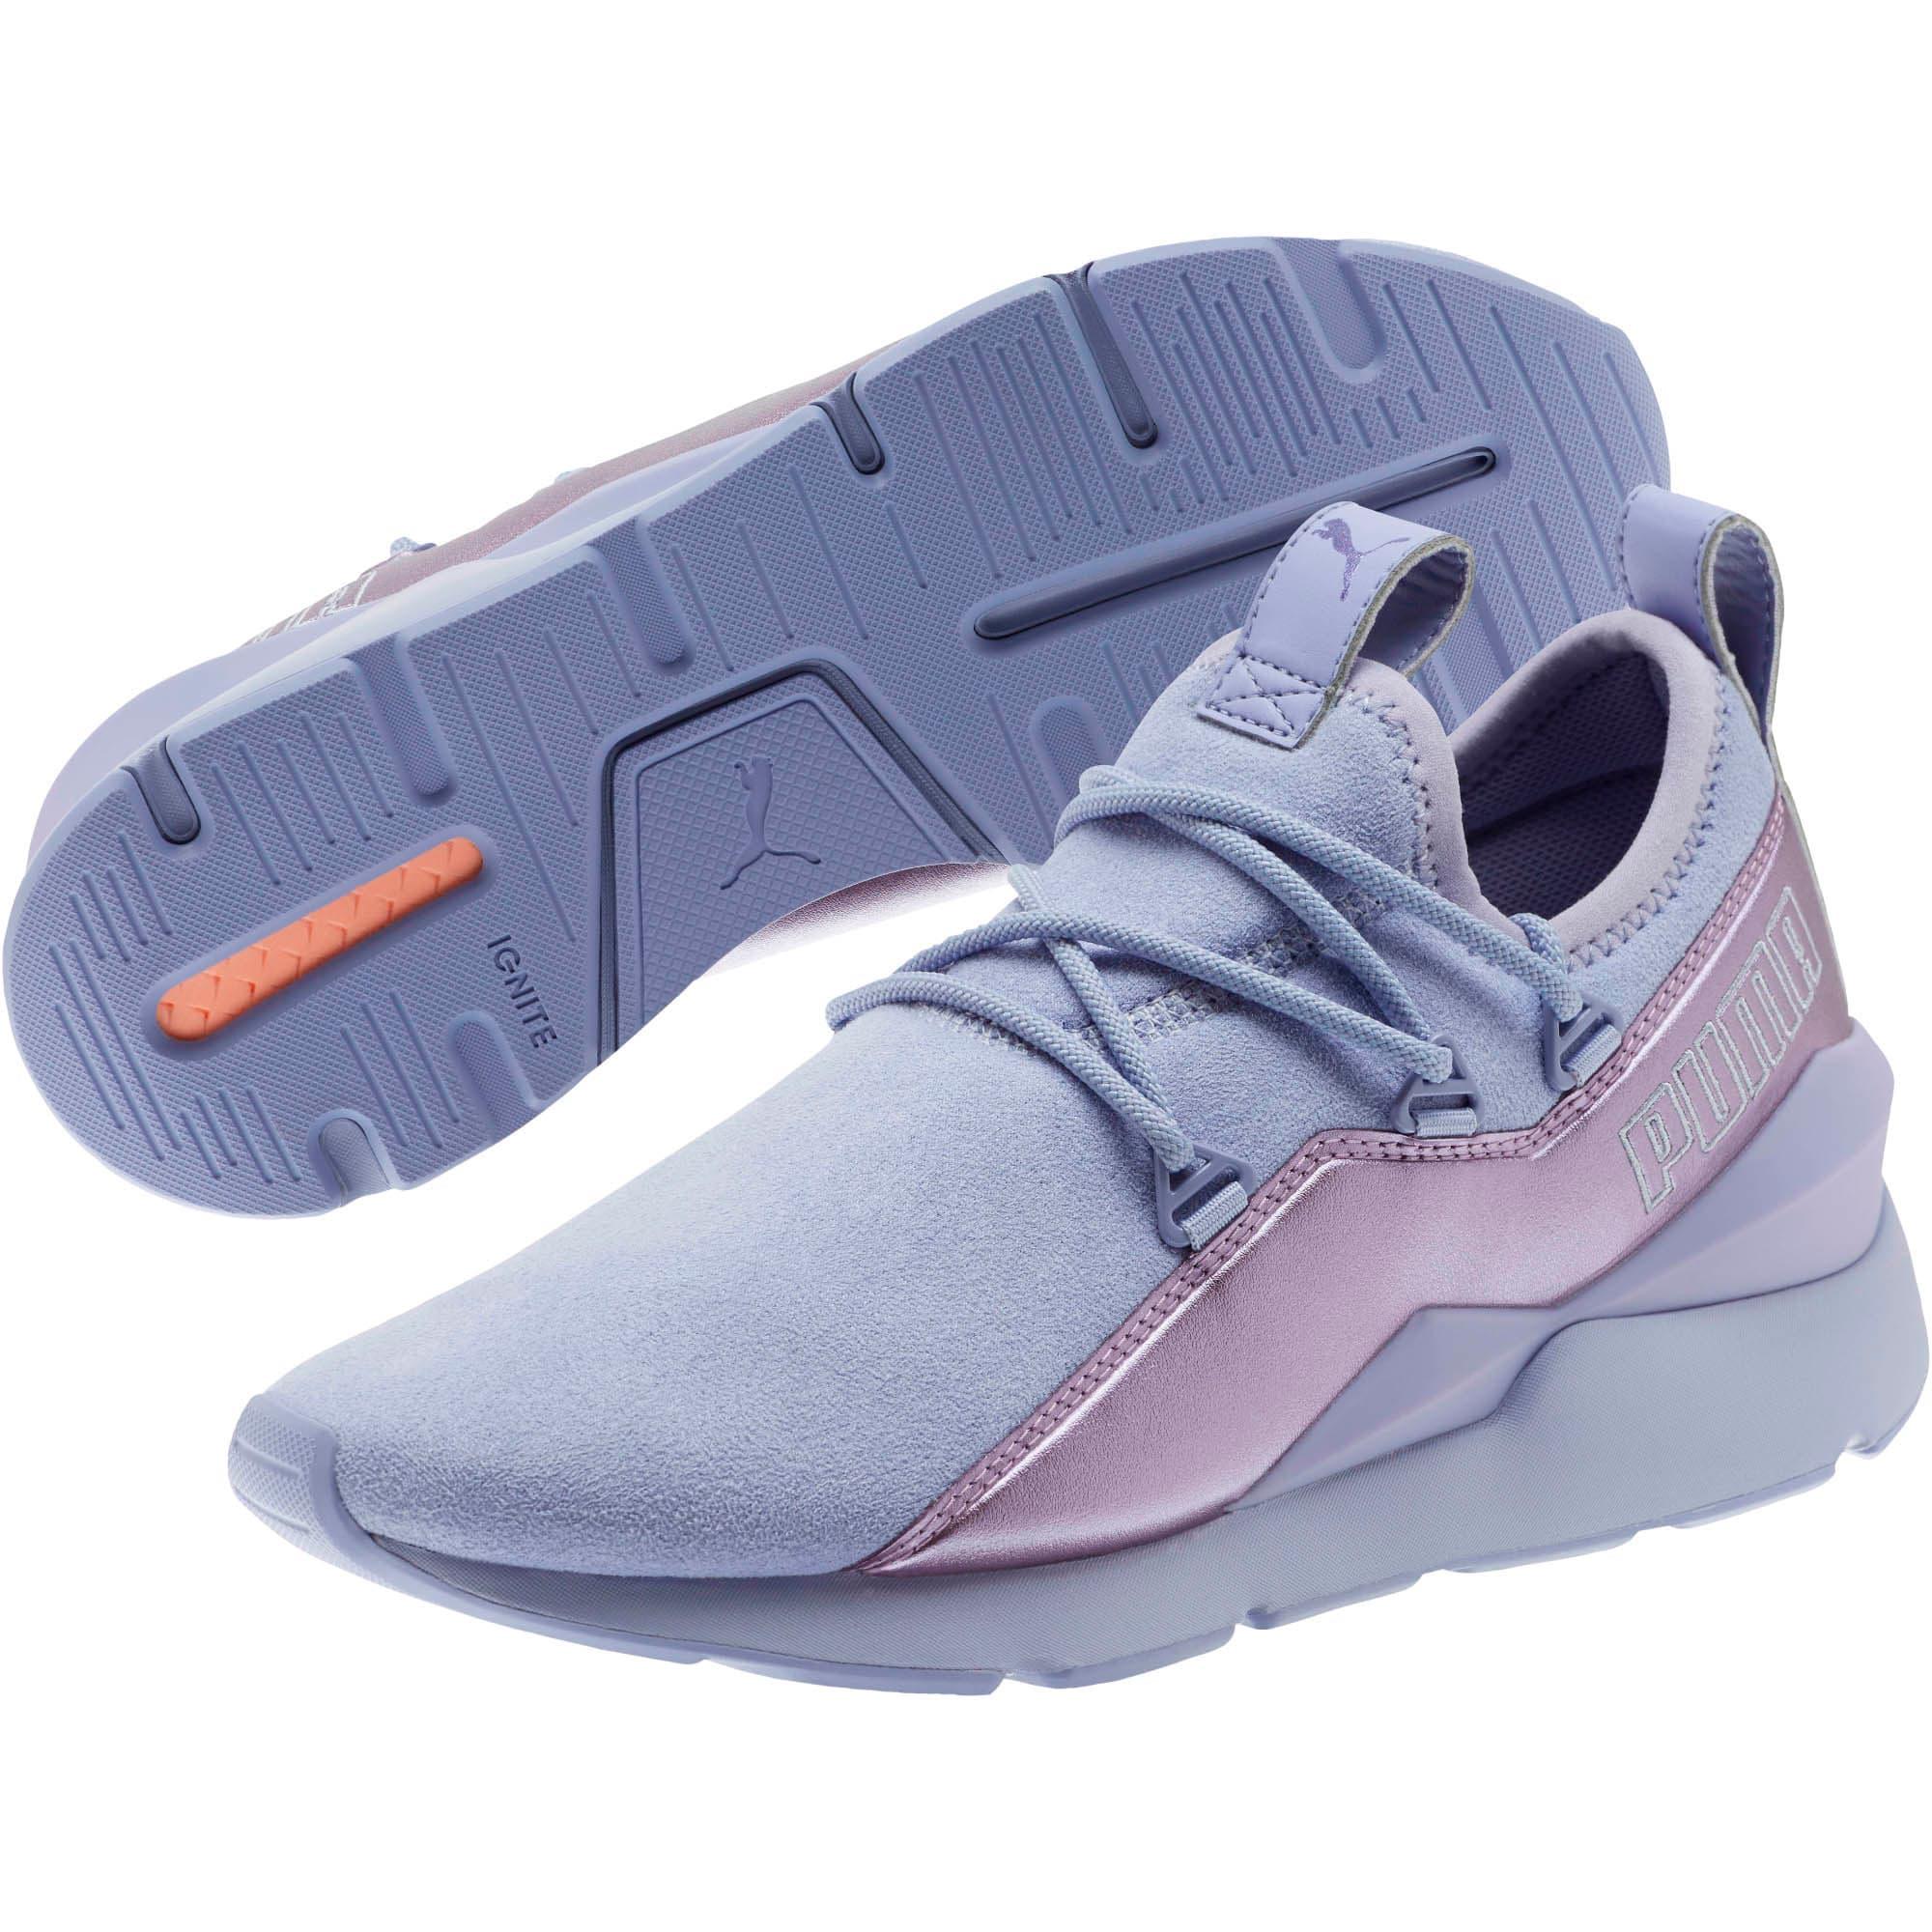 Miniatura 2 de Zapatos deportivosMuse 2 Twilight de mujer, Sweet Lavender, mediano